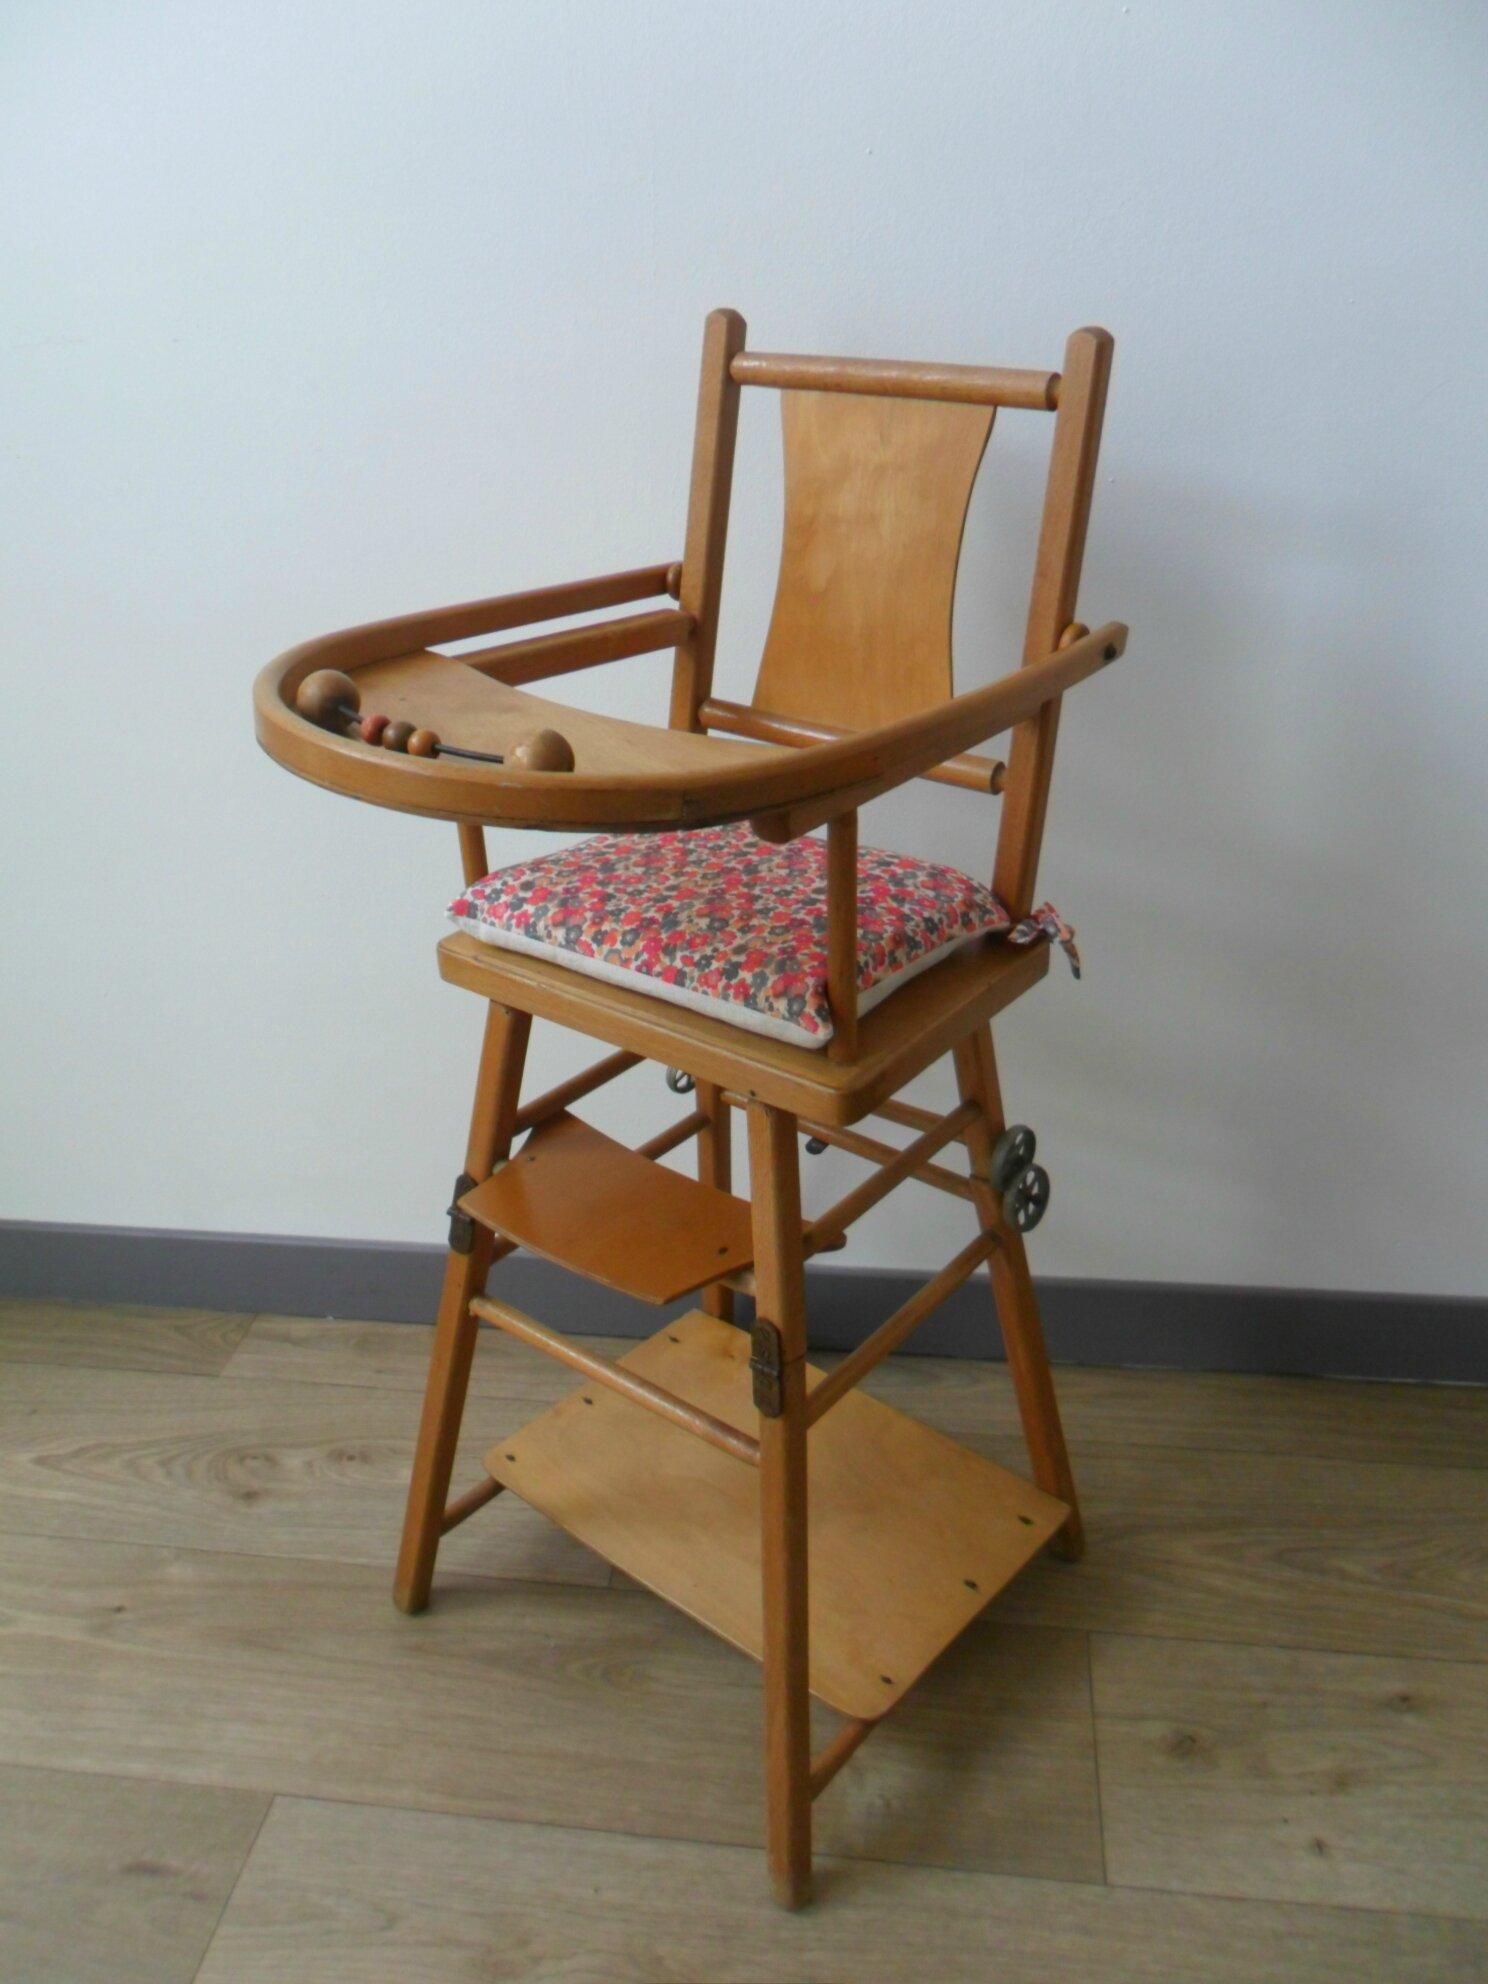 chaise haute ancienne en bois pour poupee https www etsy com